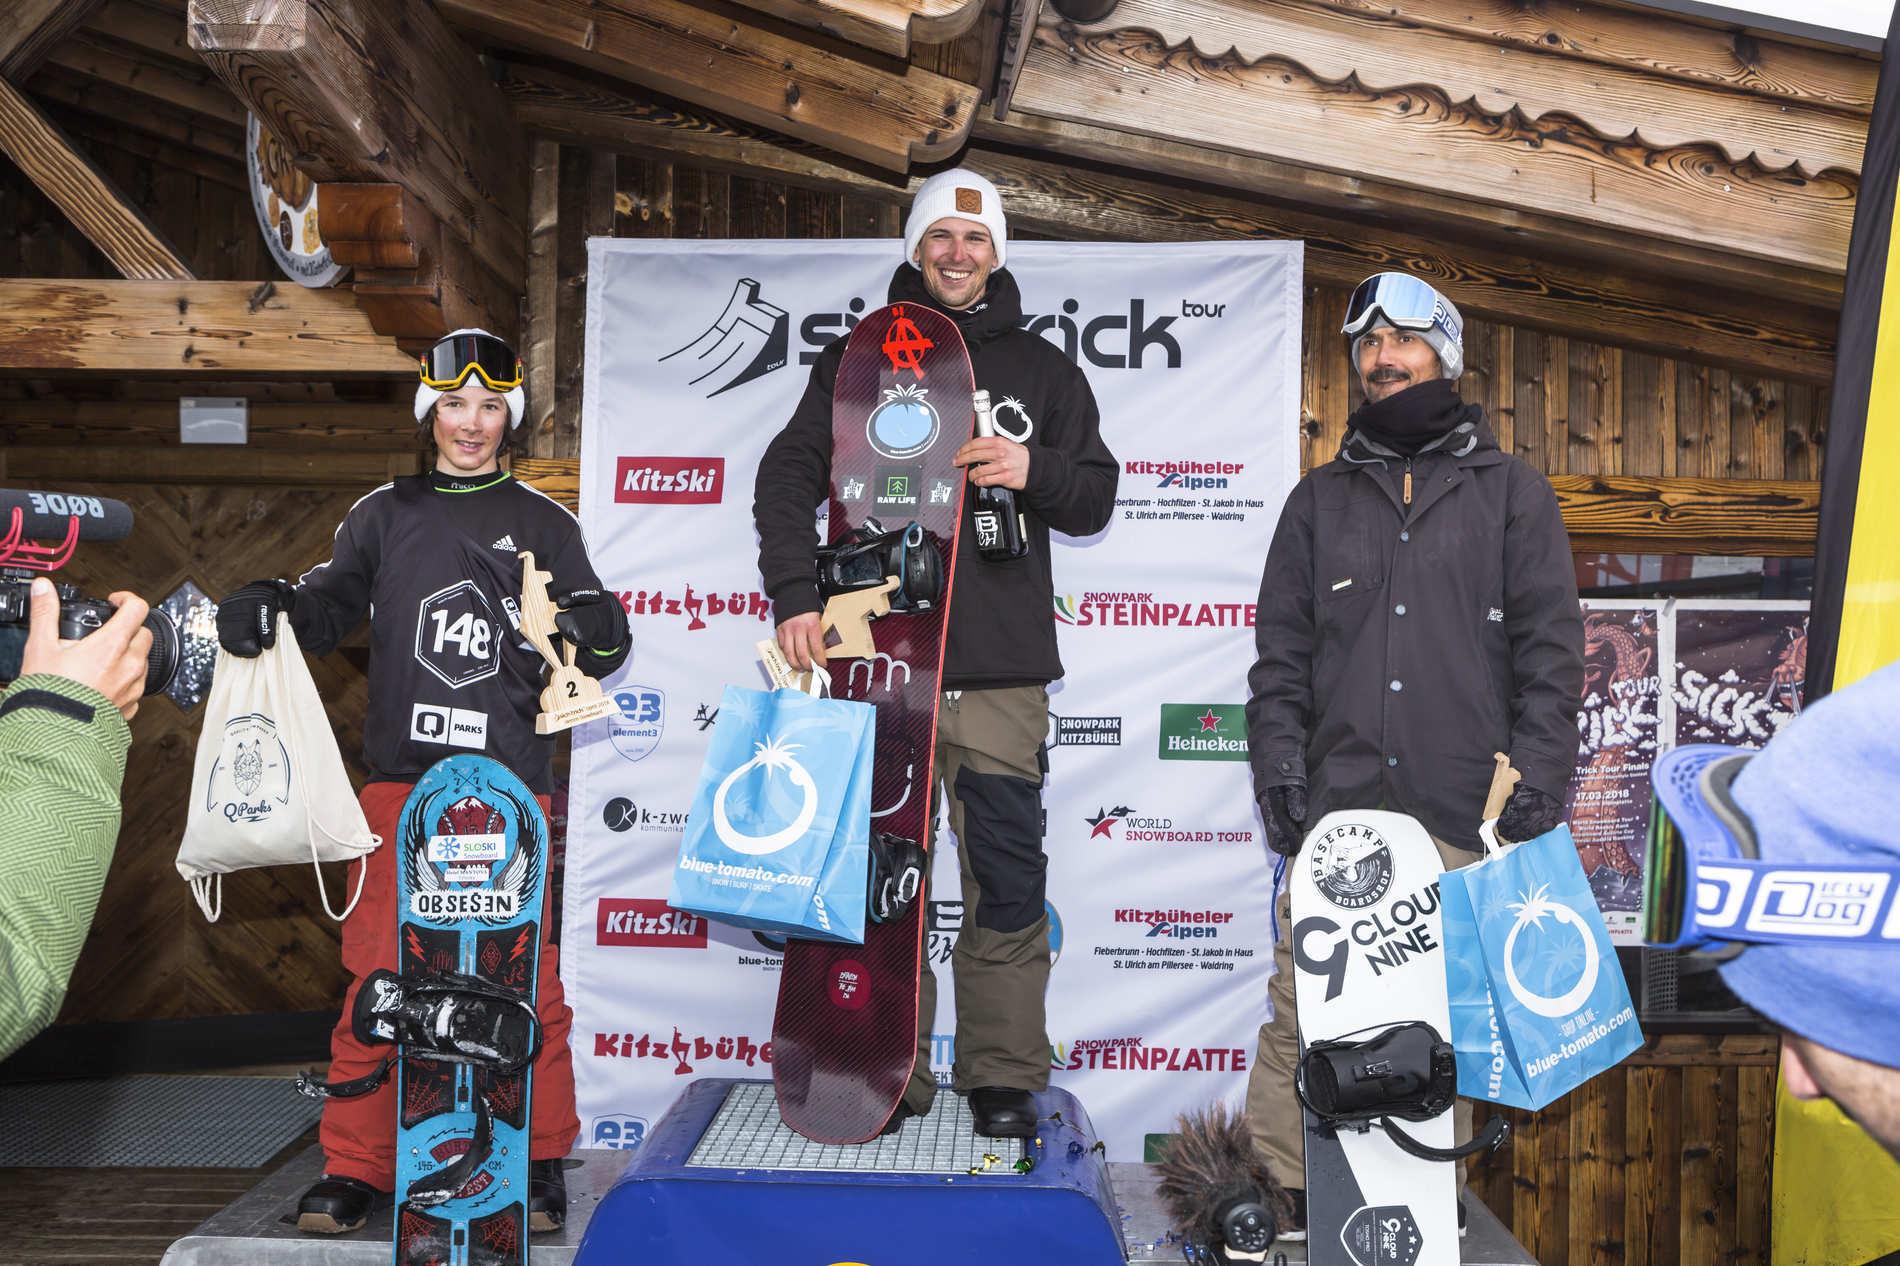 kitzbuehel 03 03 2018 lifestyle sb roland haschka qparks 009